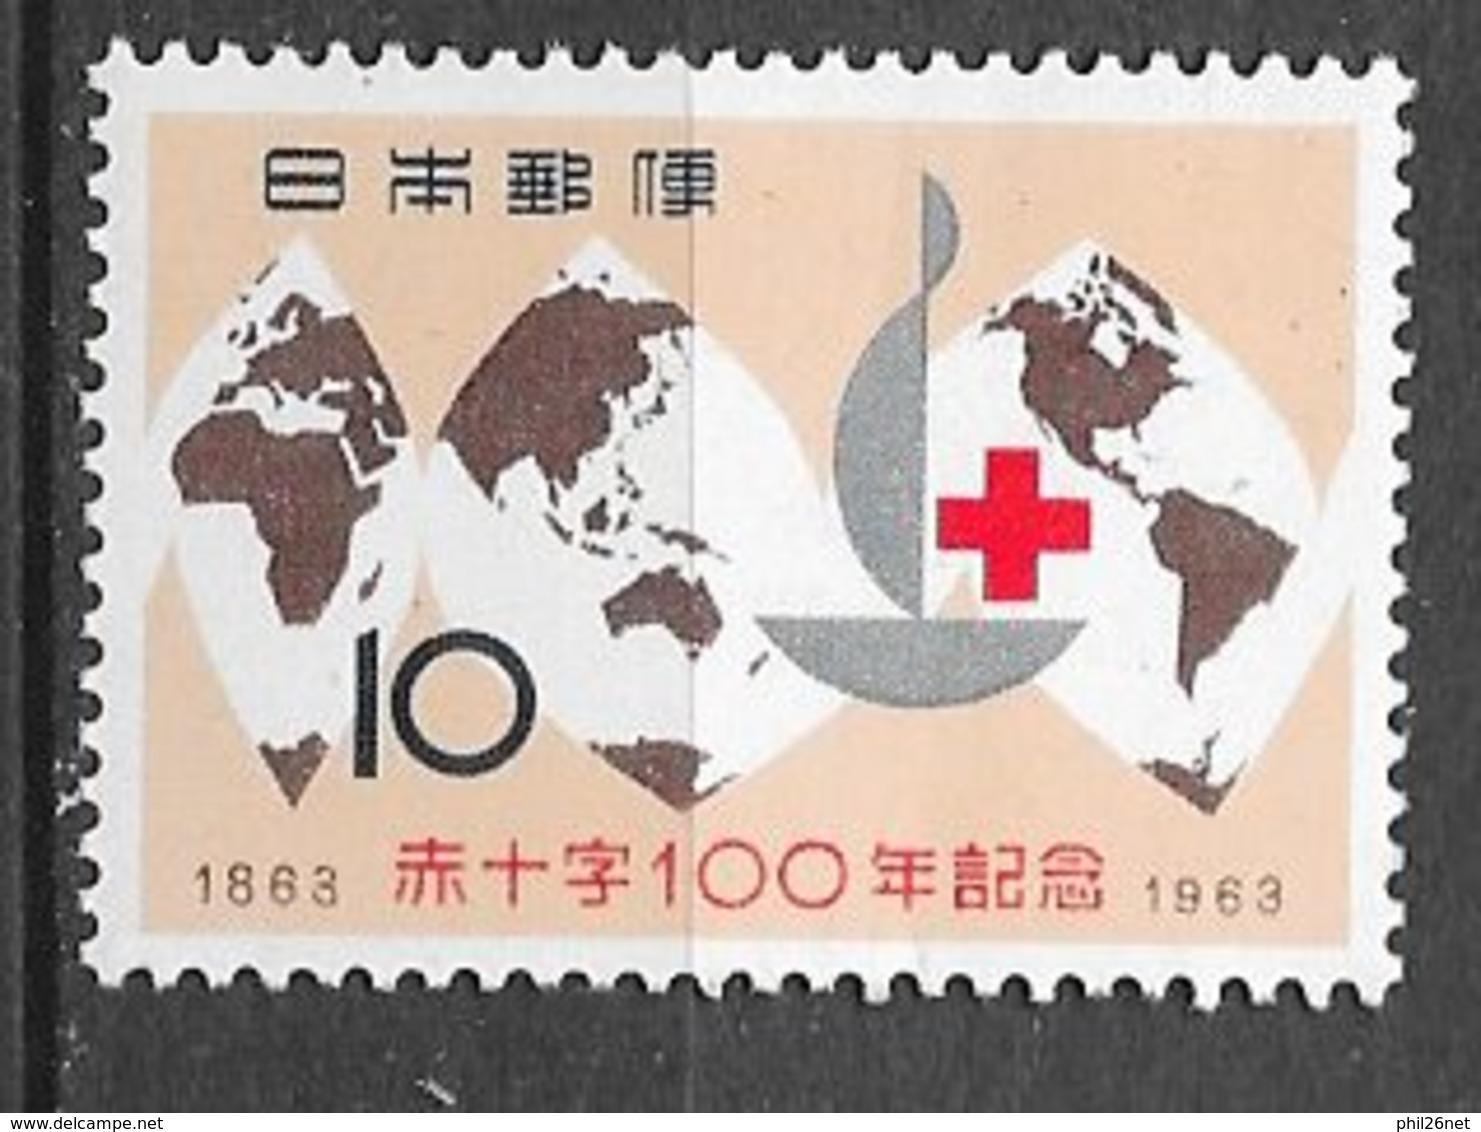 Japon   N°  738  Croix Rouge   Neuf * *  = MNH  VF       Soldé ! ! !        Le Moins Cher Du Site ! ! ! - Puppen